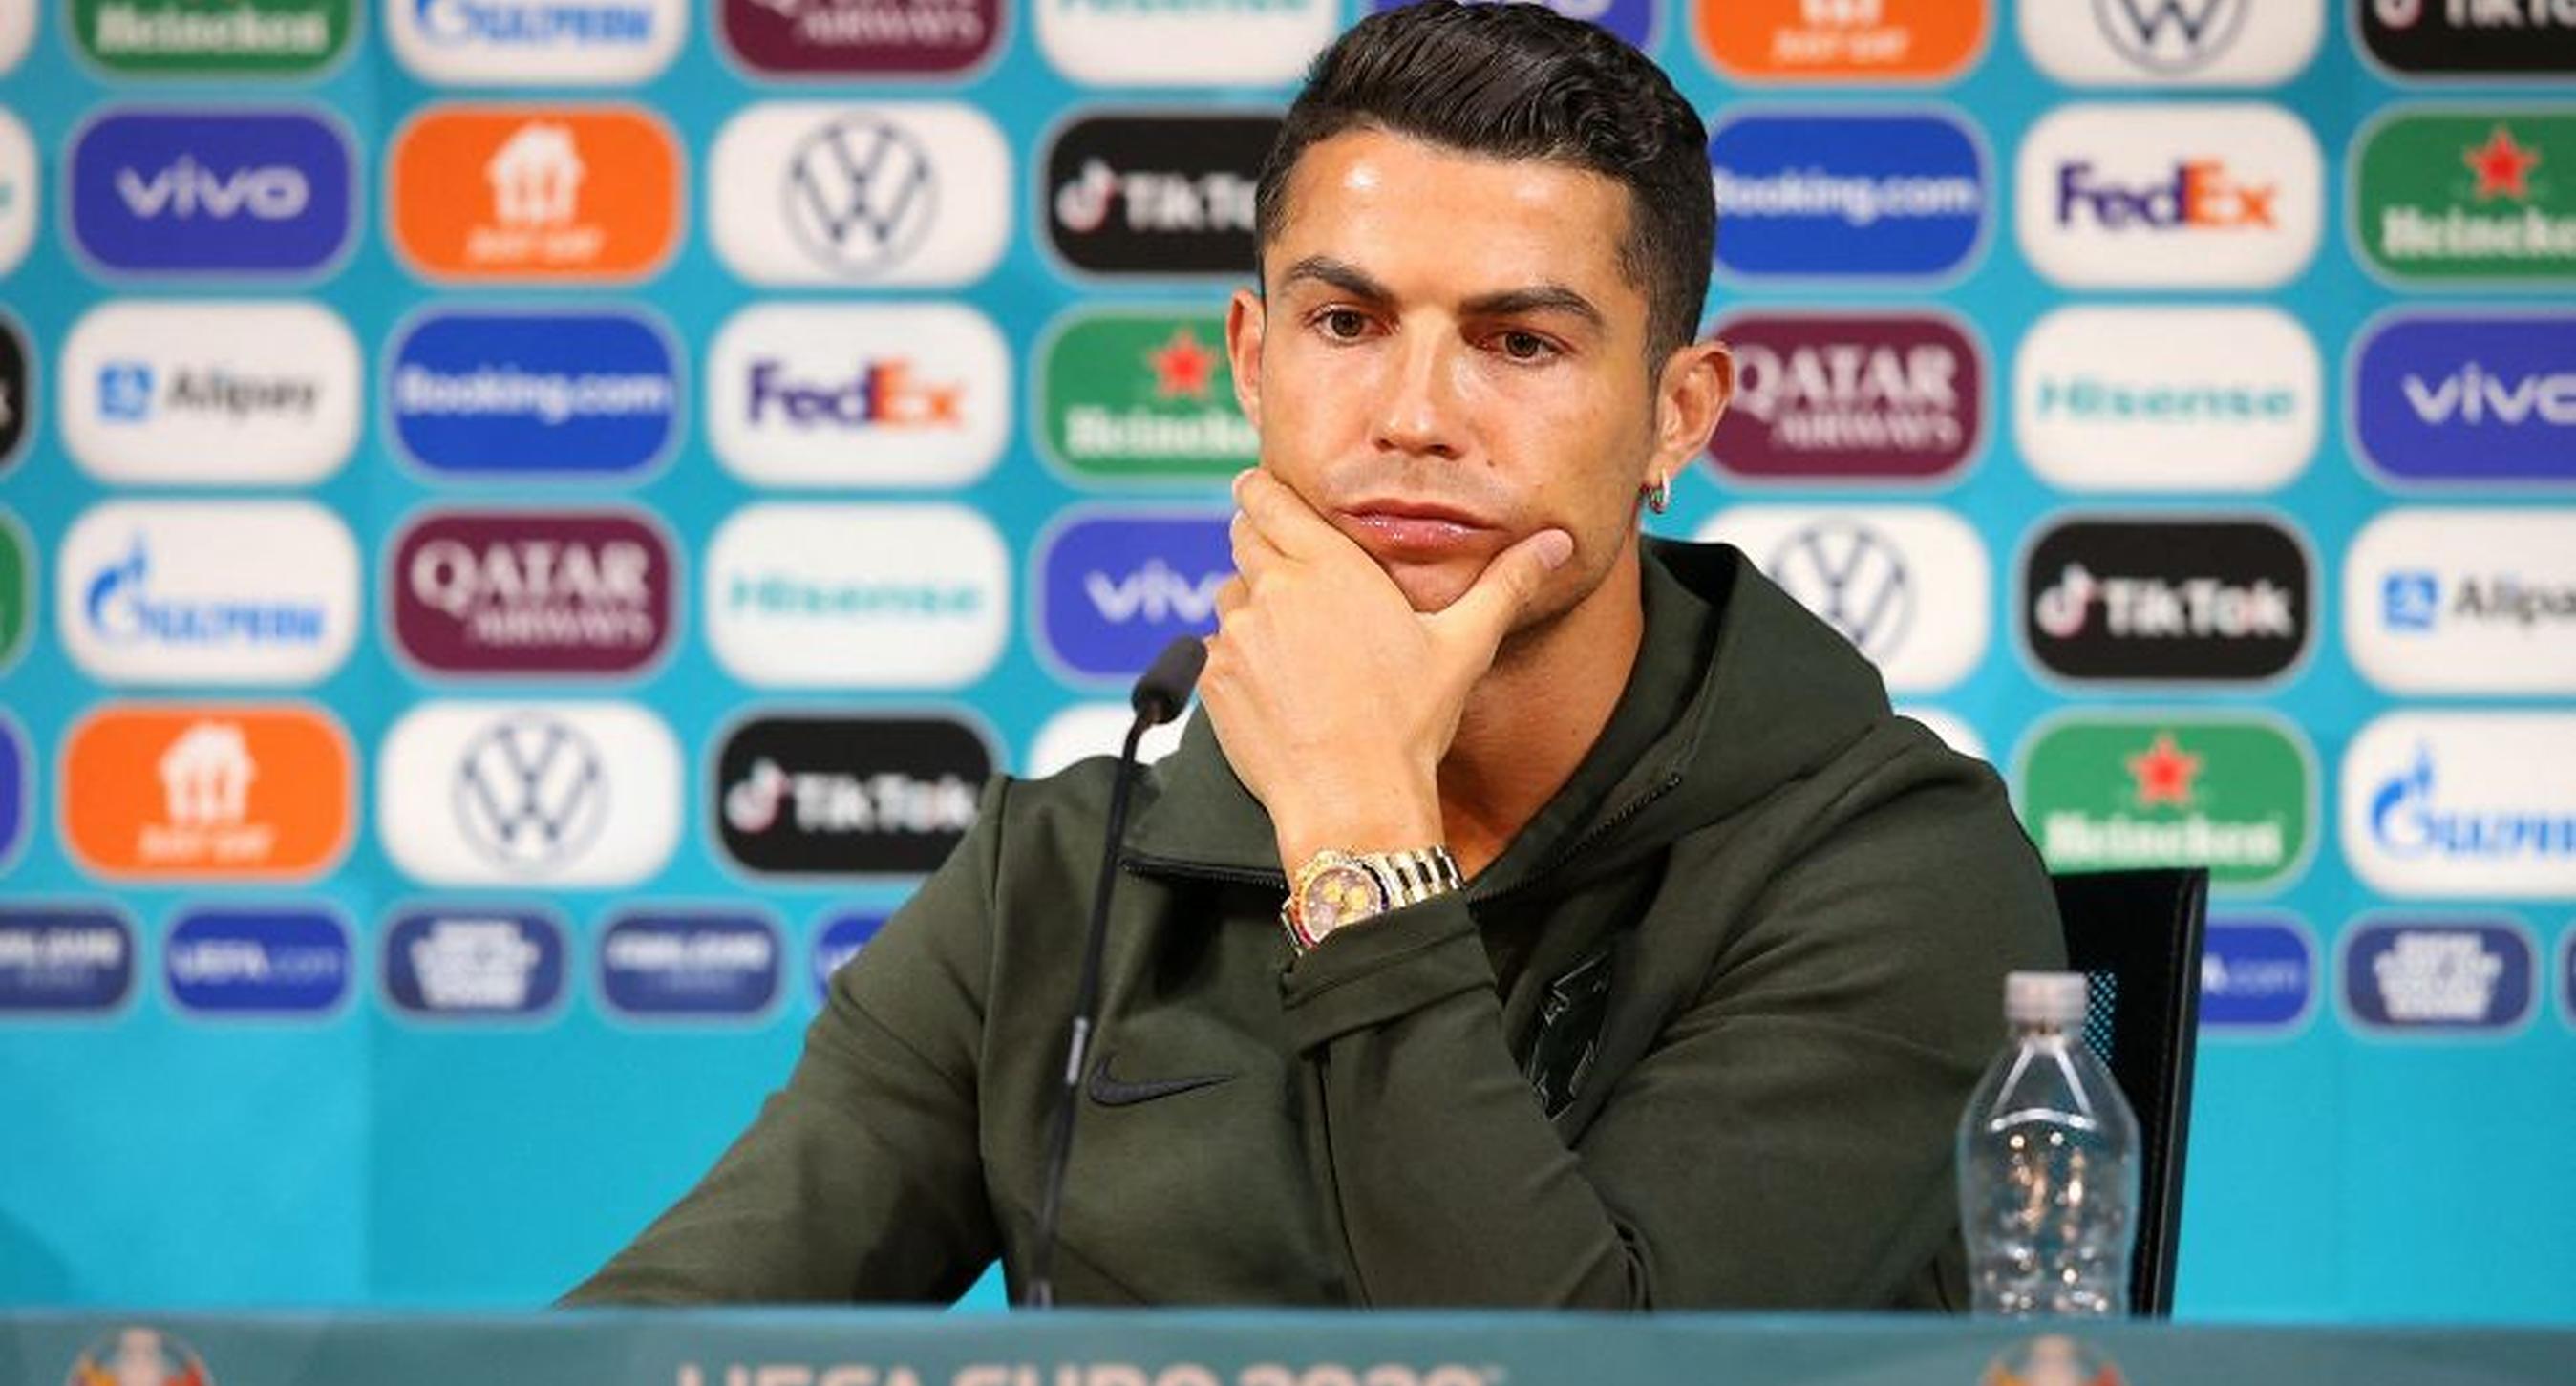 Analiză Forbes: Nu Cristiano Ronaldo a influențat valoarea acțiunilor Coca Cola. O lume întreagă a rostogolit o iluzie